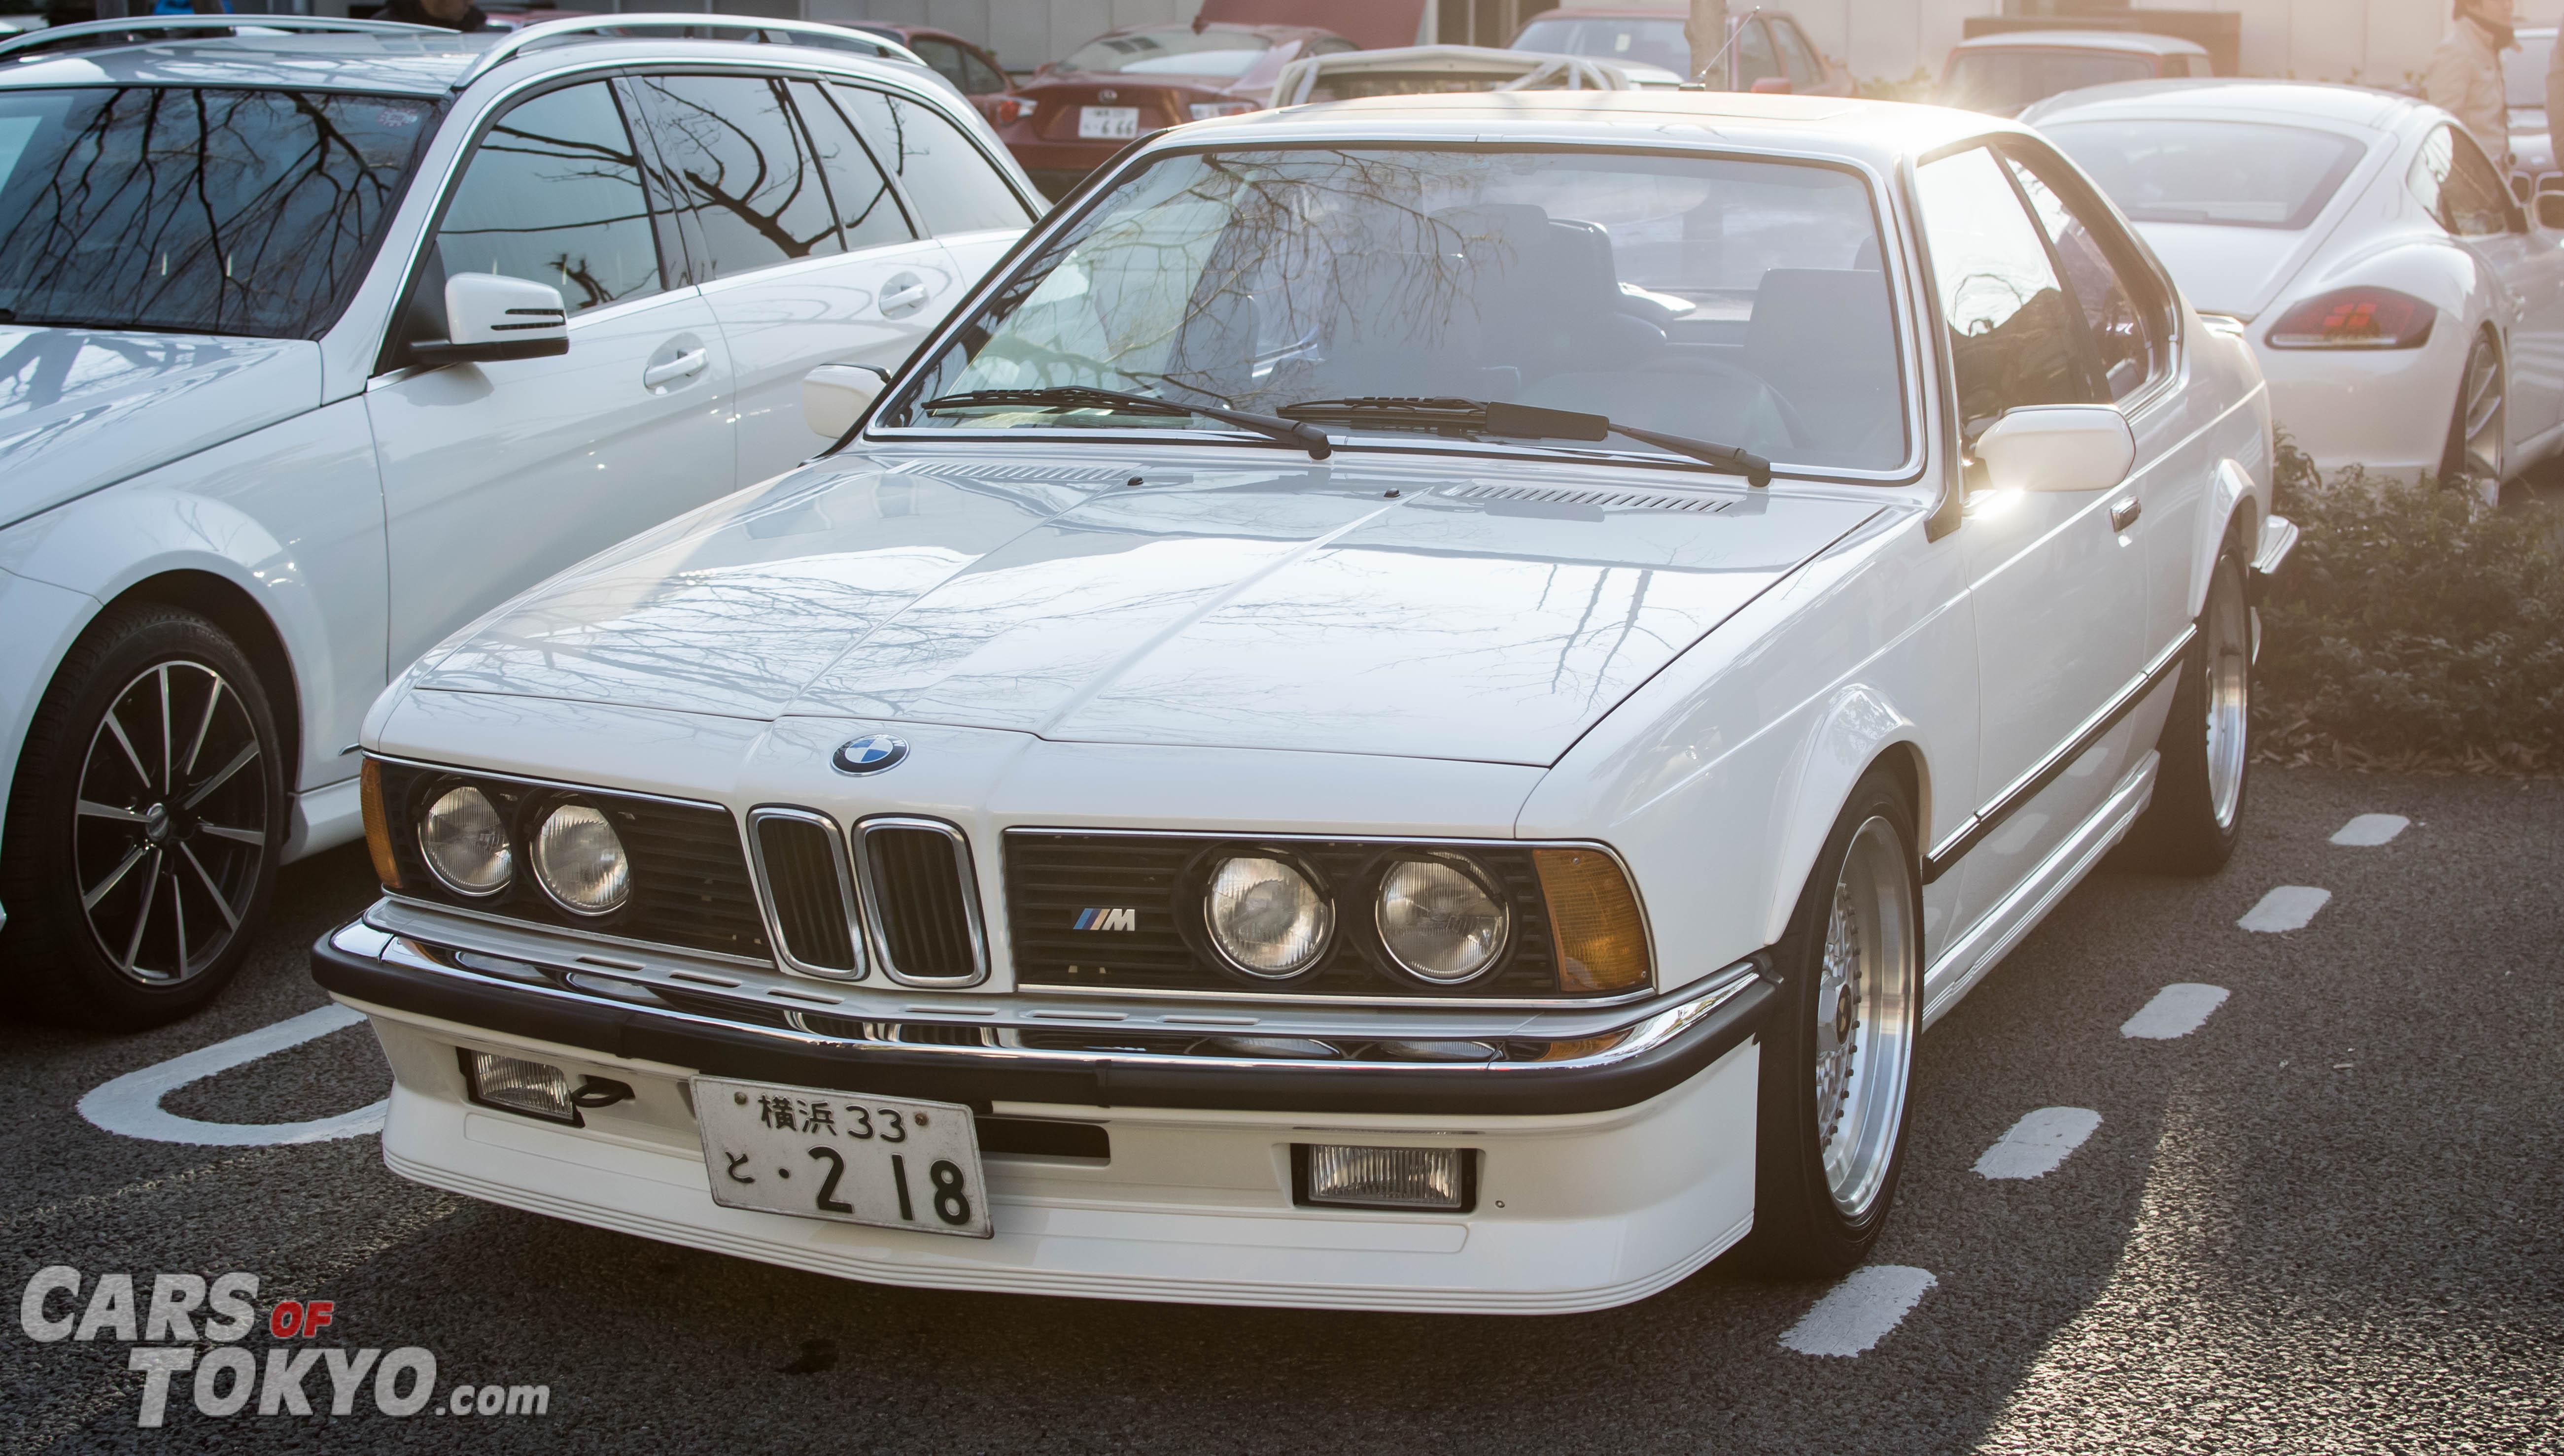 Cars of Tokyo Daikanyama BMW M635i